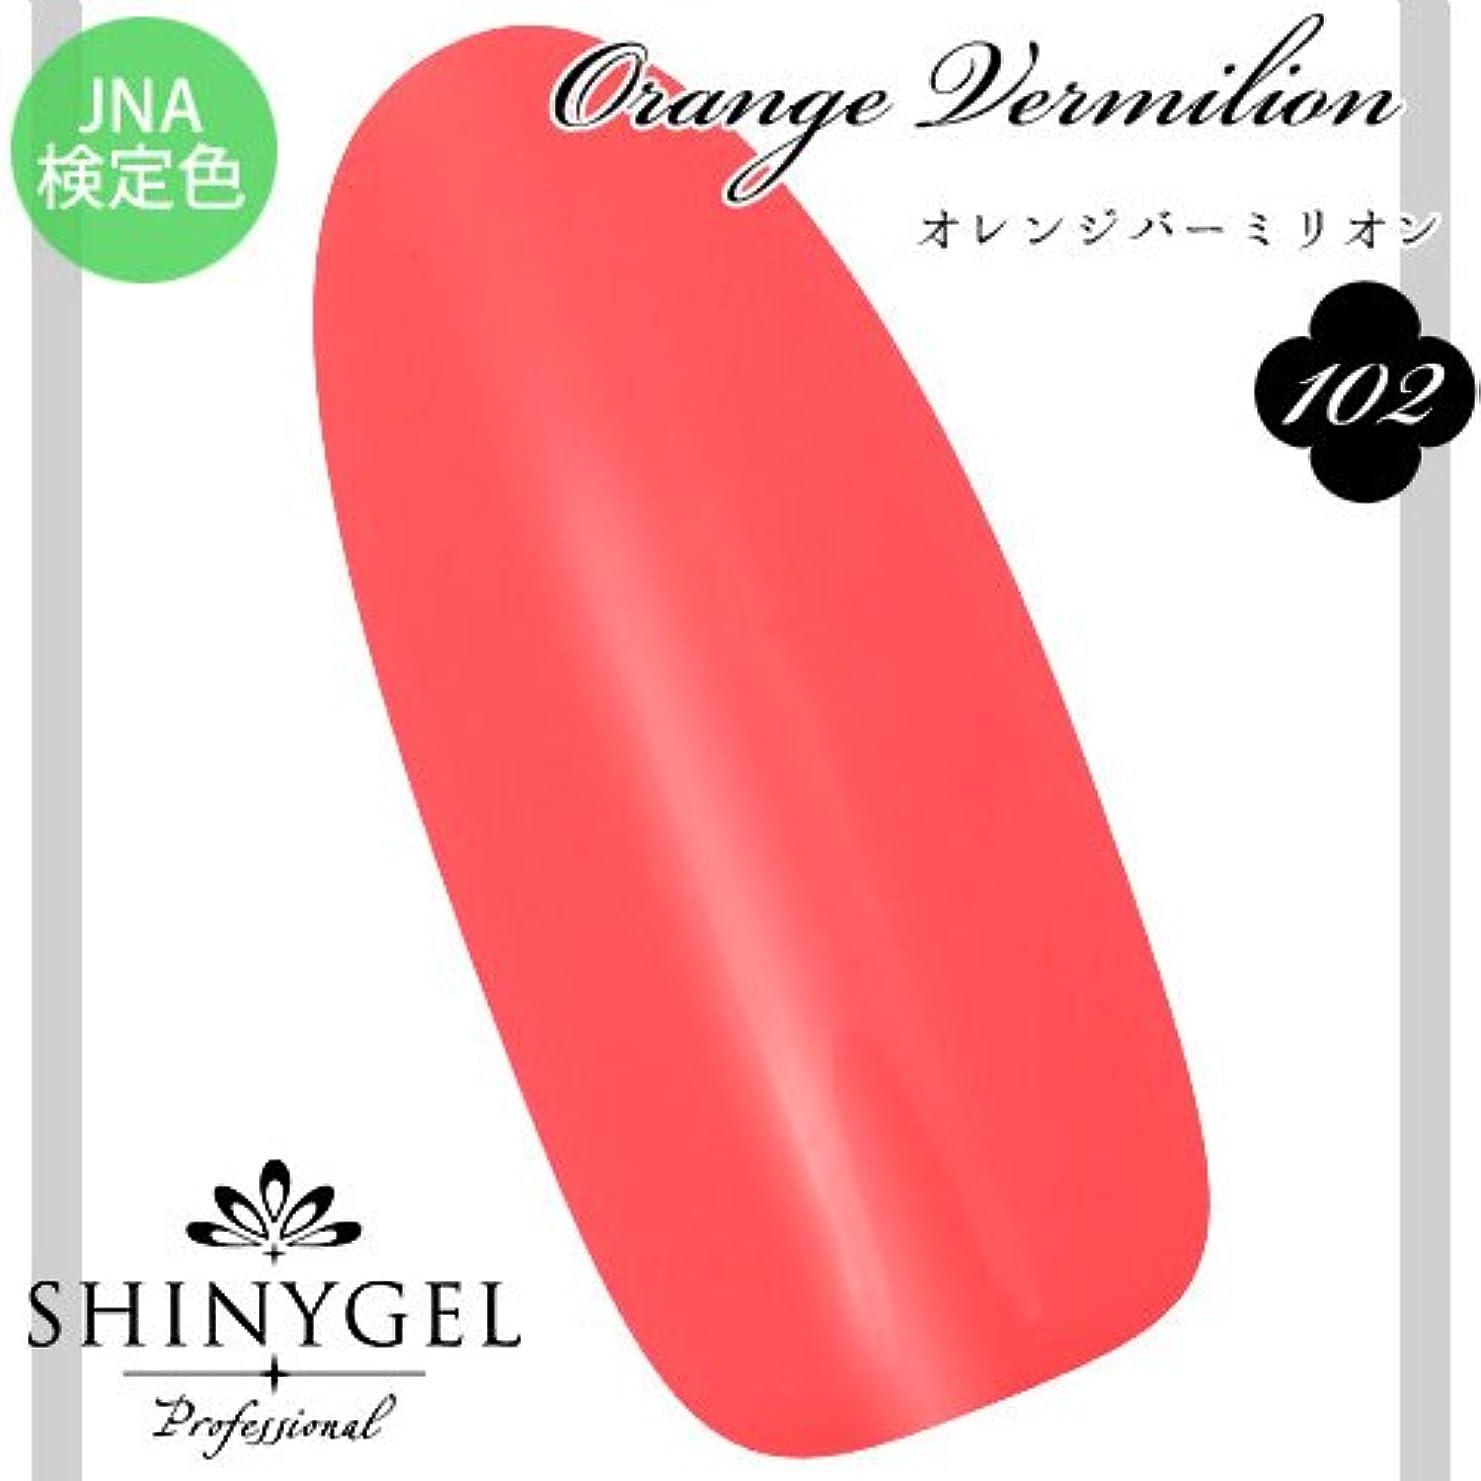 便利さ空気安全性SHINY GEL カラージェル 102 4g オレンジバーミリオン JNA検定色 UV/LED対応